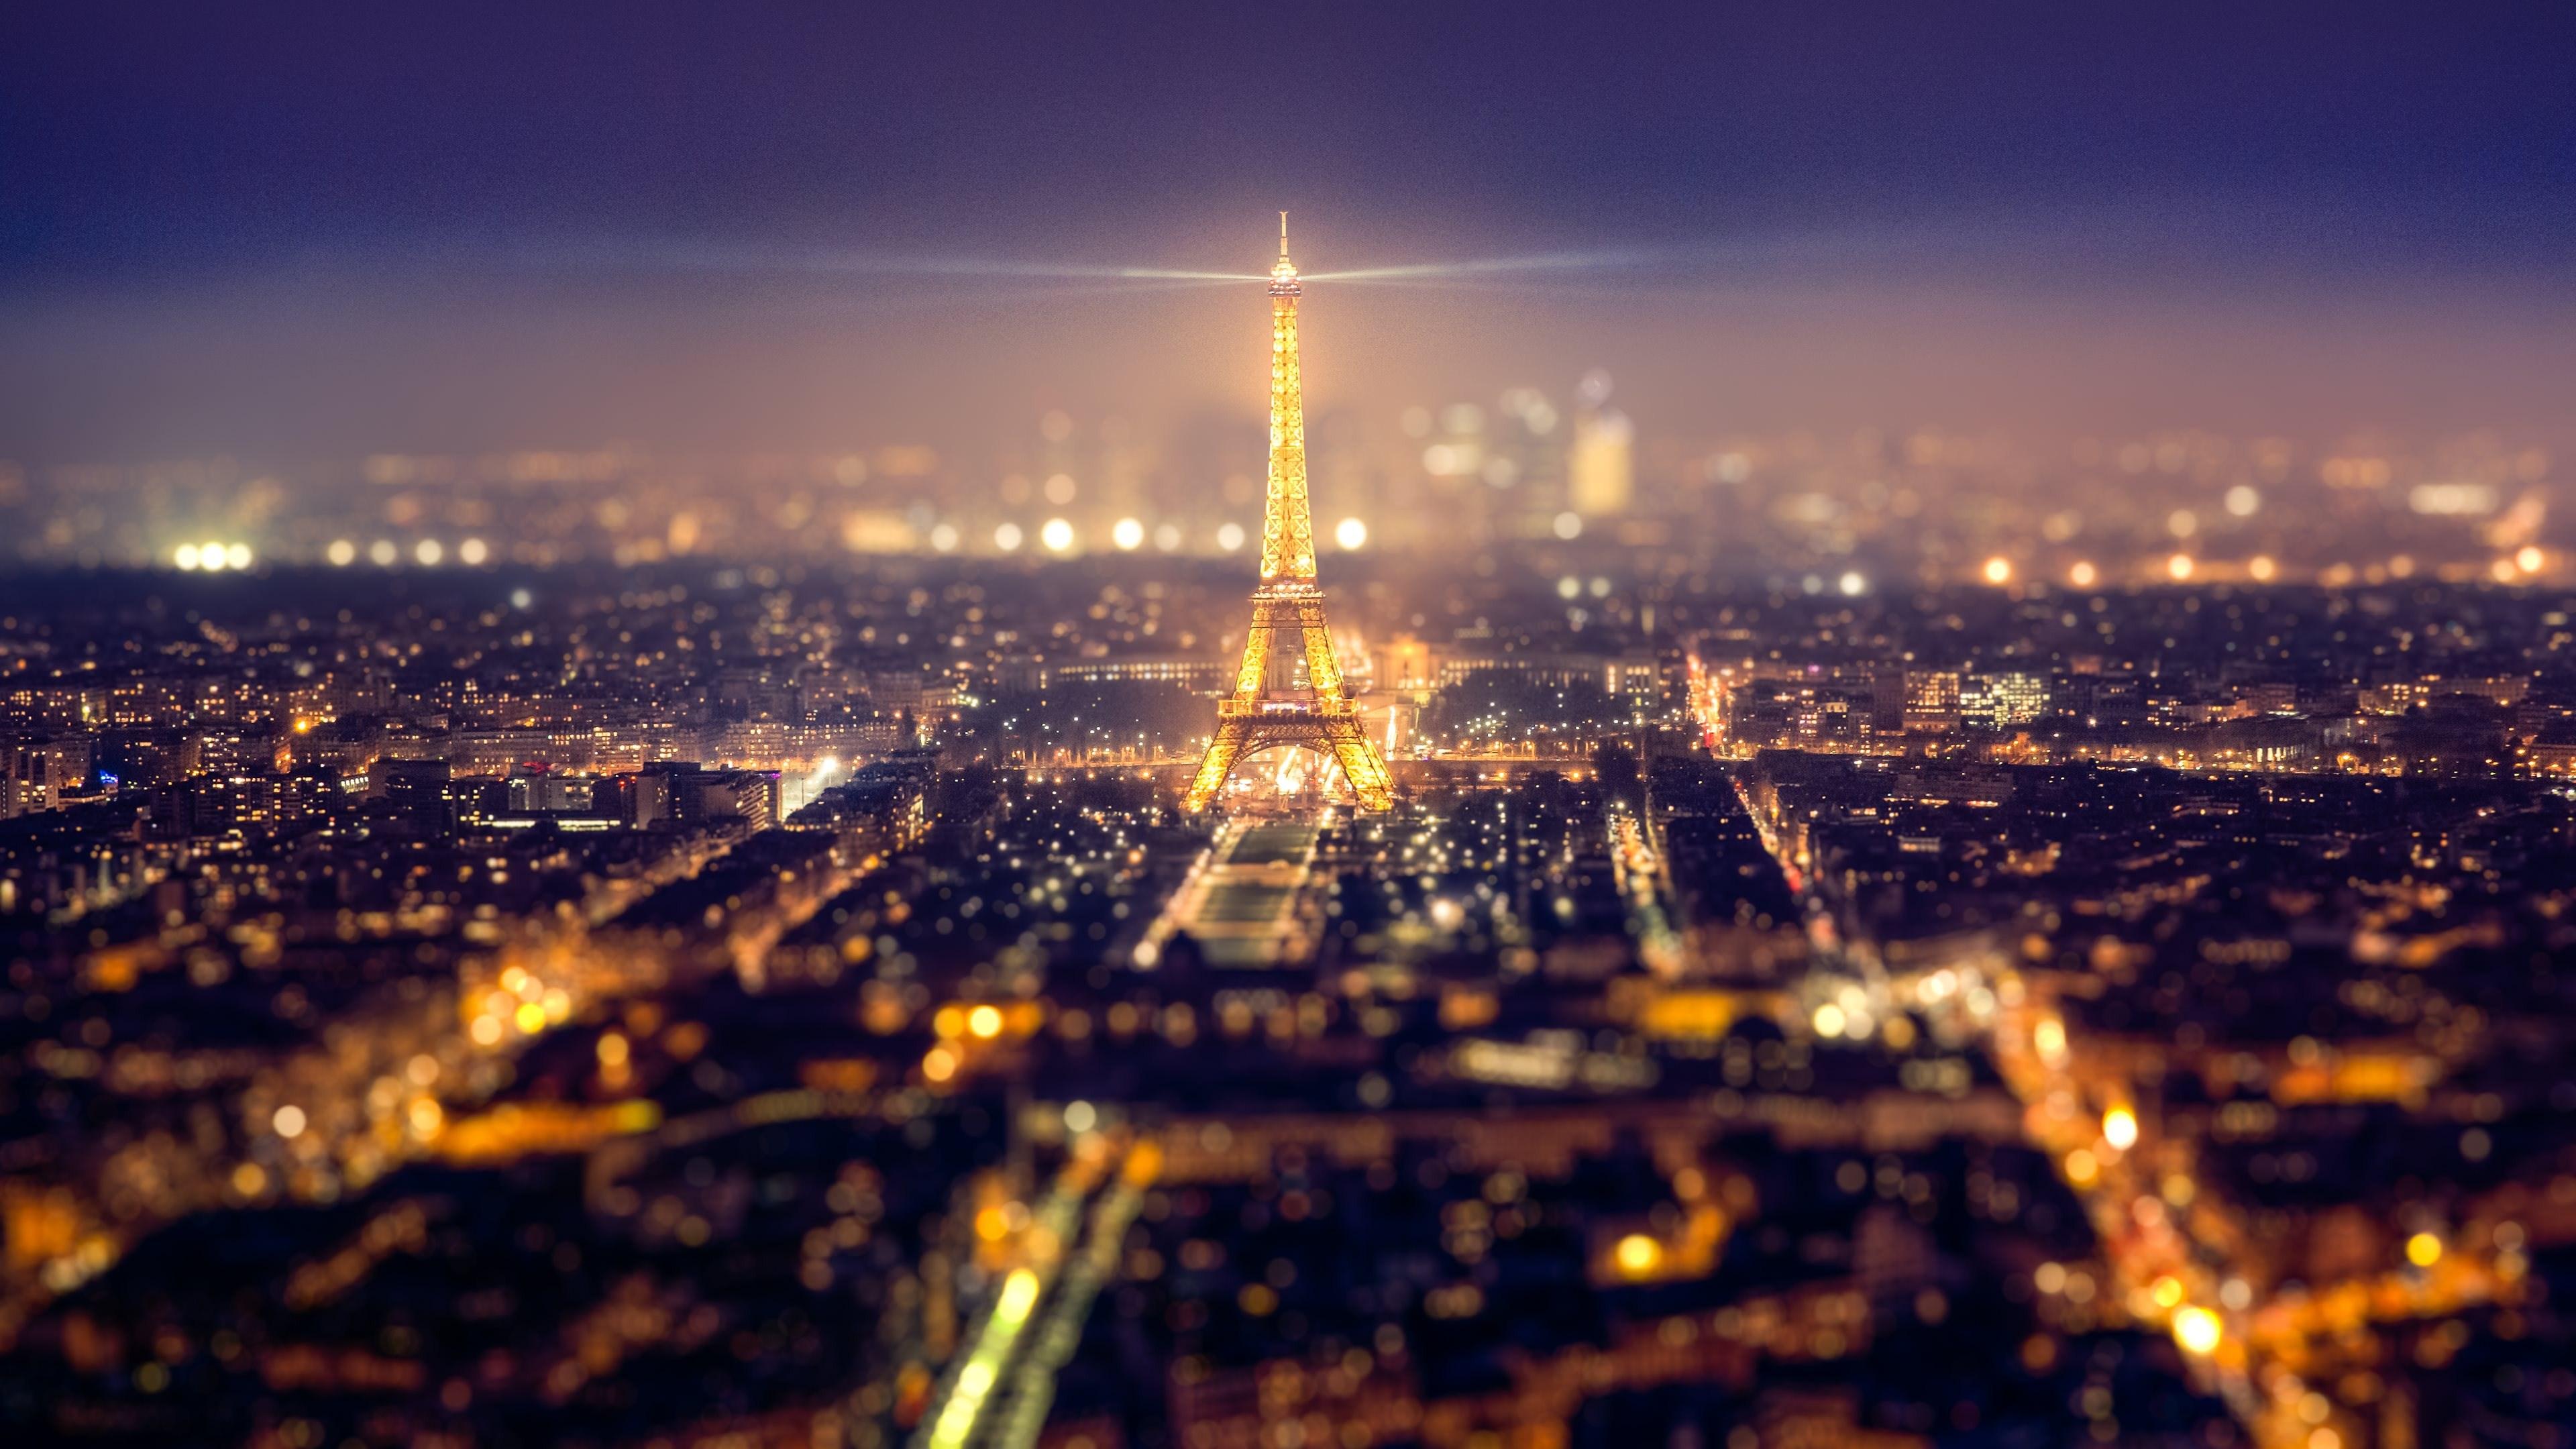 艾菲尔巴黎铁塔星空